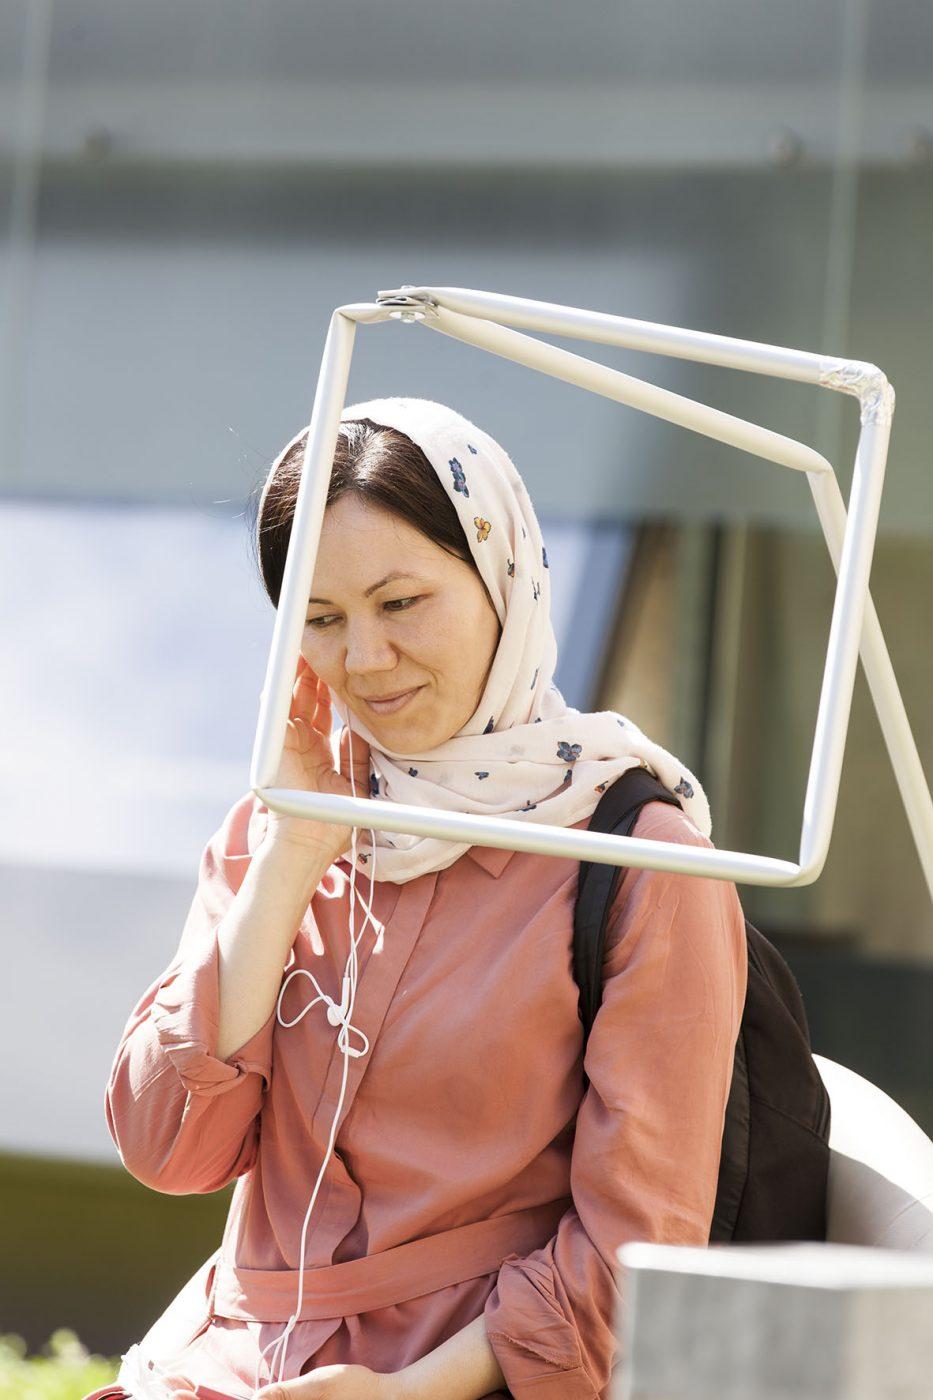 Frau sittzt auf einem Stuhl, vor sich leere Bilderrahmen - eine der Stationen von